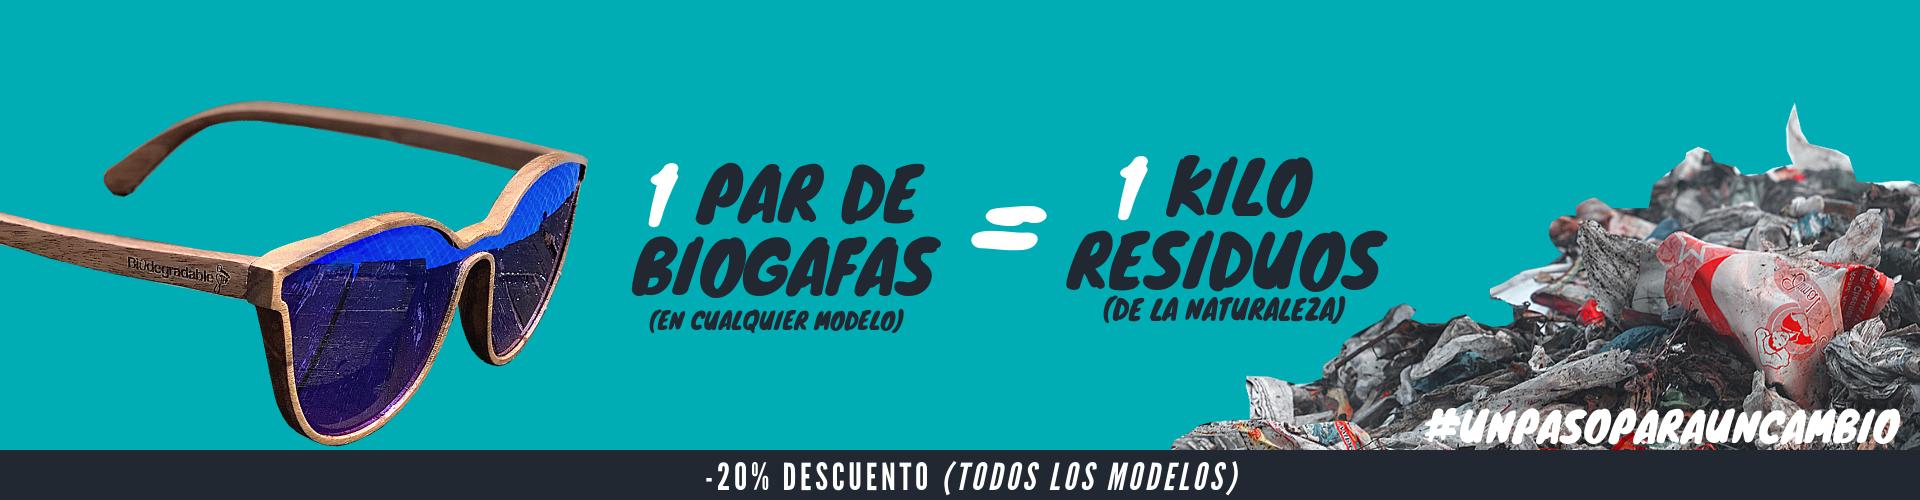 -20% DESCUENTO (todos los modelos) (2)